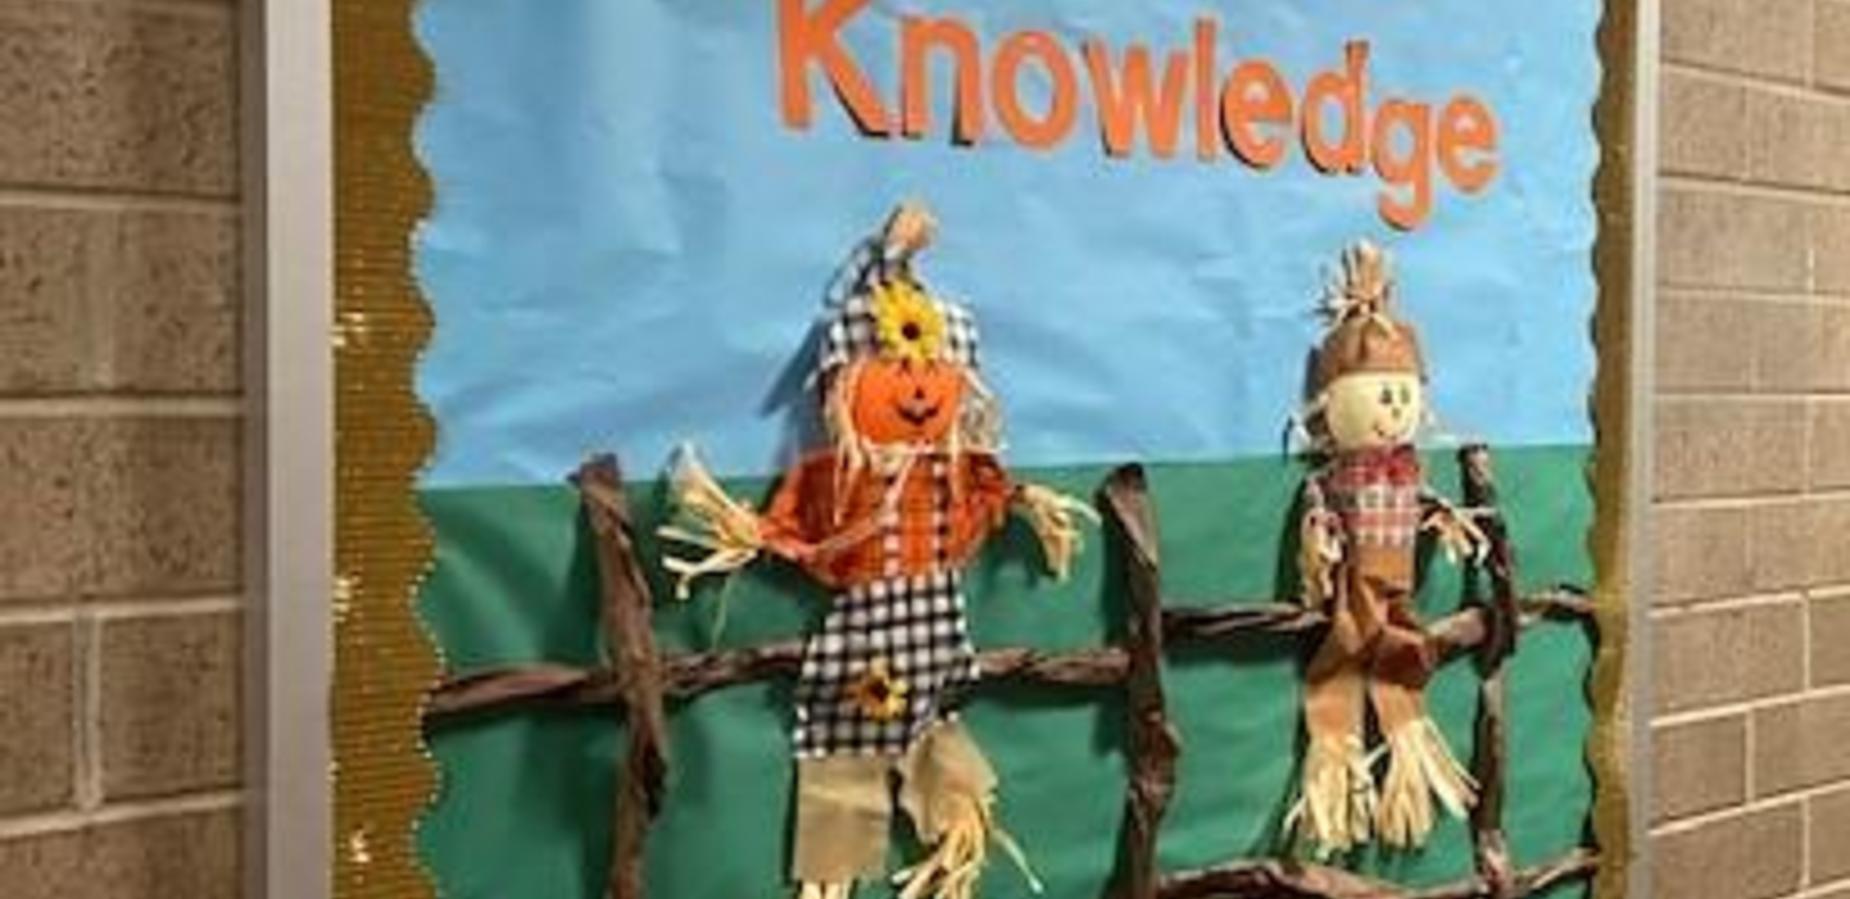 Harvesting Knowledge!